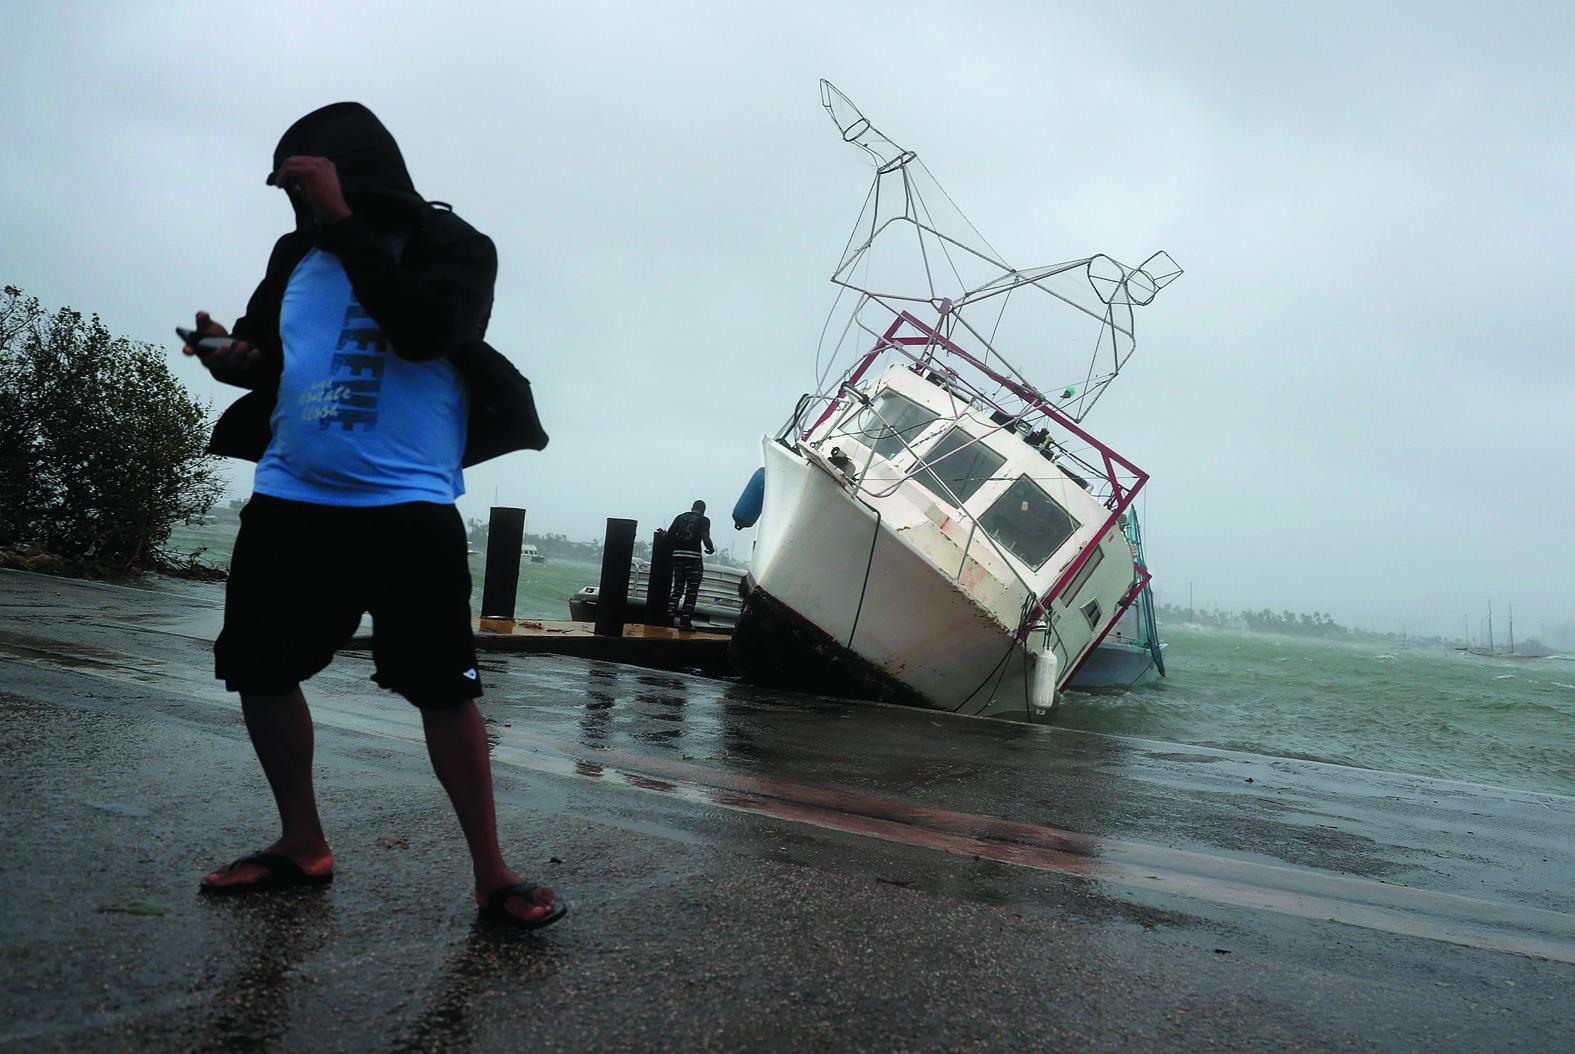 EUA: tornados, chuva e vento forte já atingem sul da Flórida